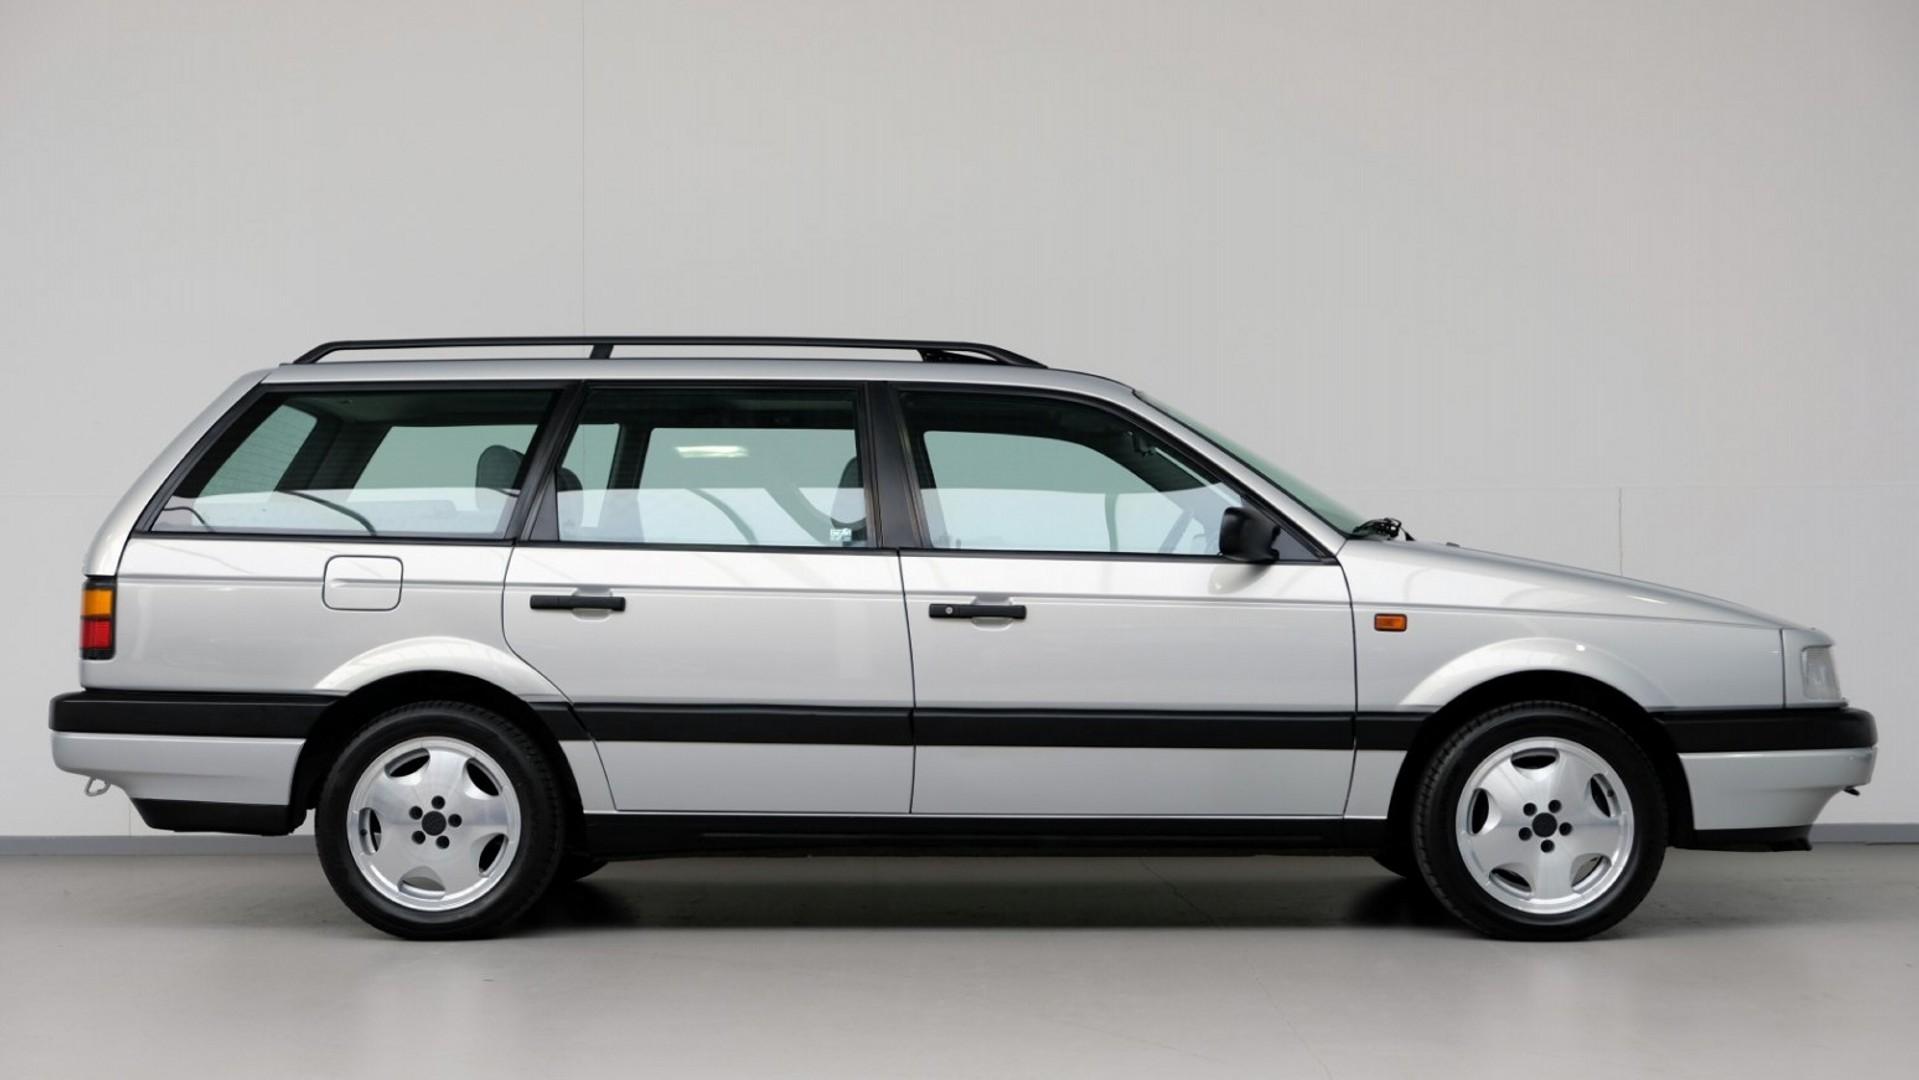 1992 Volkswagen Passat Variant 2 8 VR6 (9)